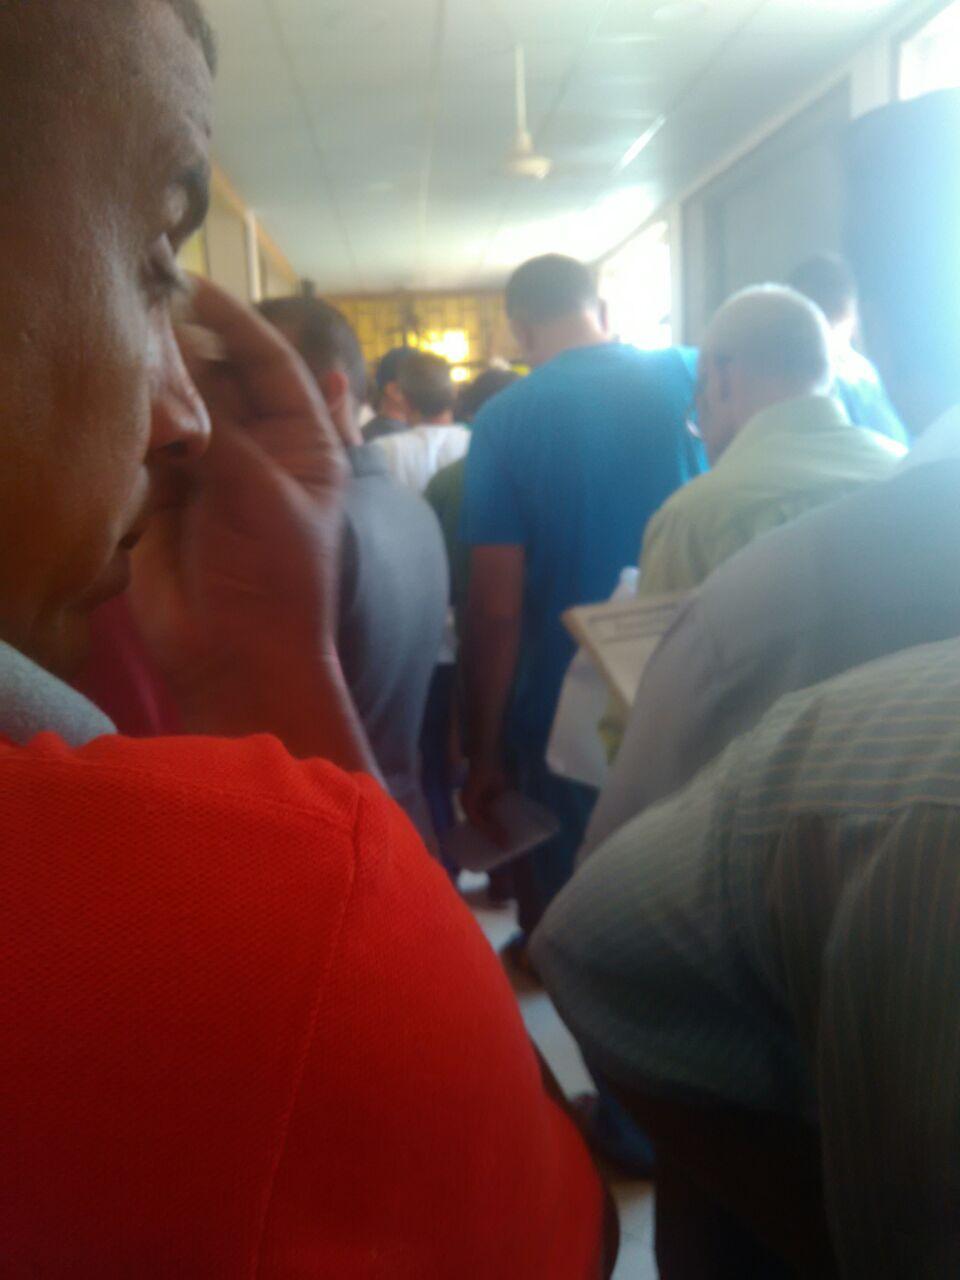 تكدس المواطنين في مرور الدراسة تزامنا مع سقوط «السيستم» (صورة)